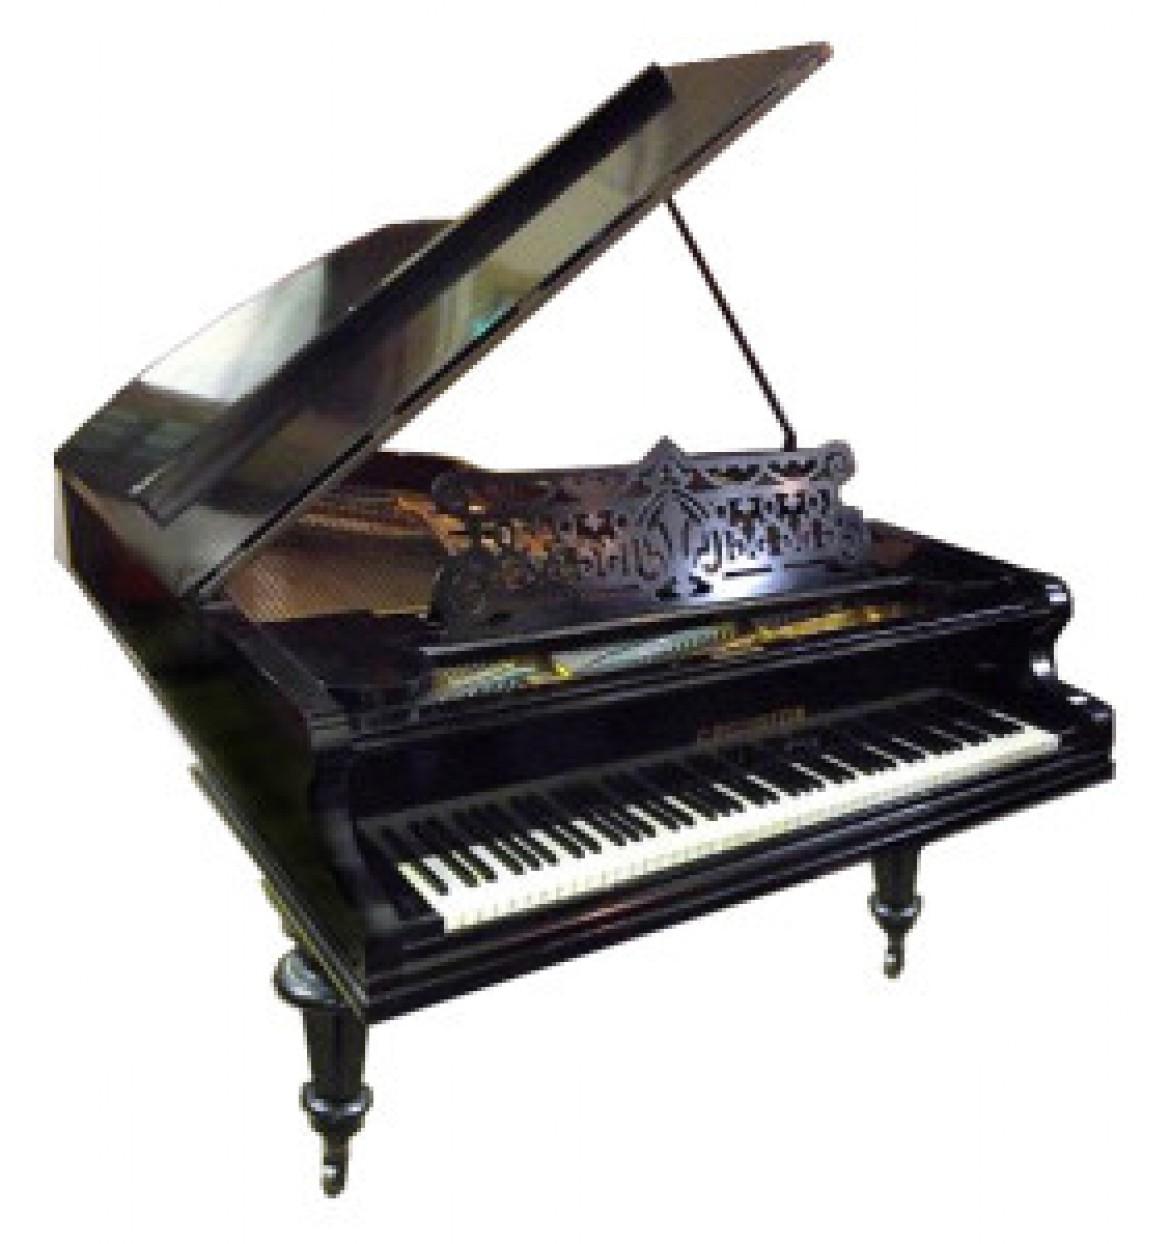 Bechstein usato – pianoforte 3/4 di coda mod. IV del 1890 restaurato